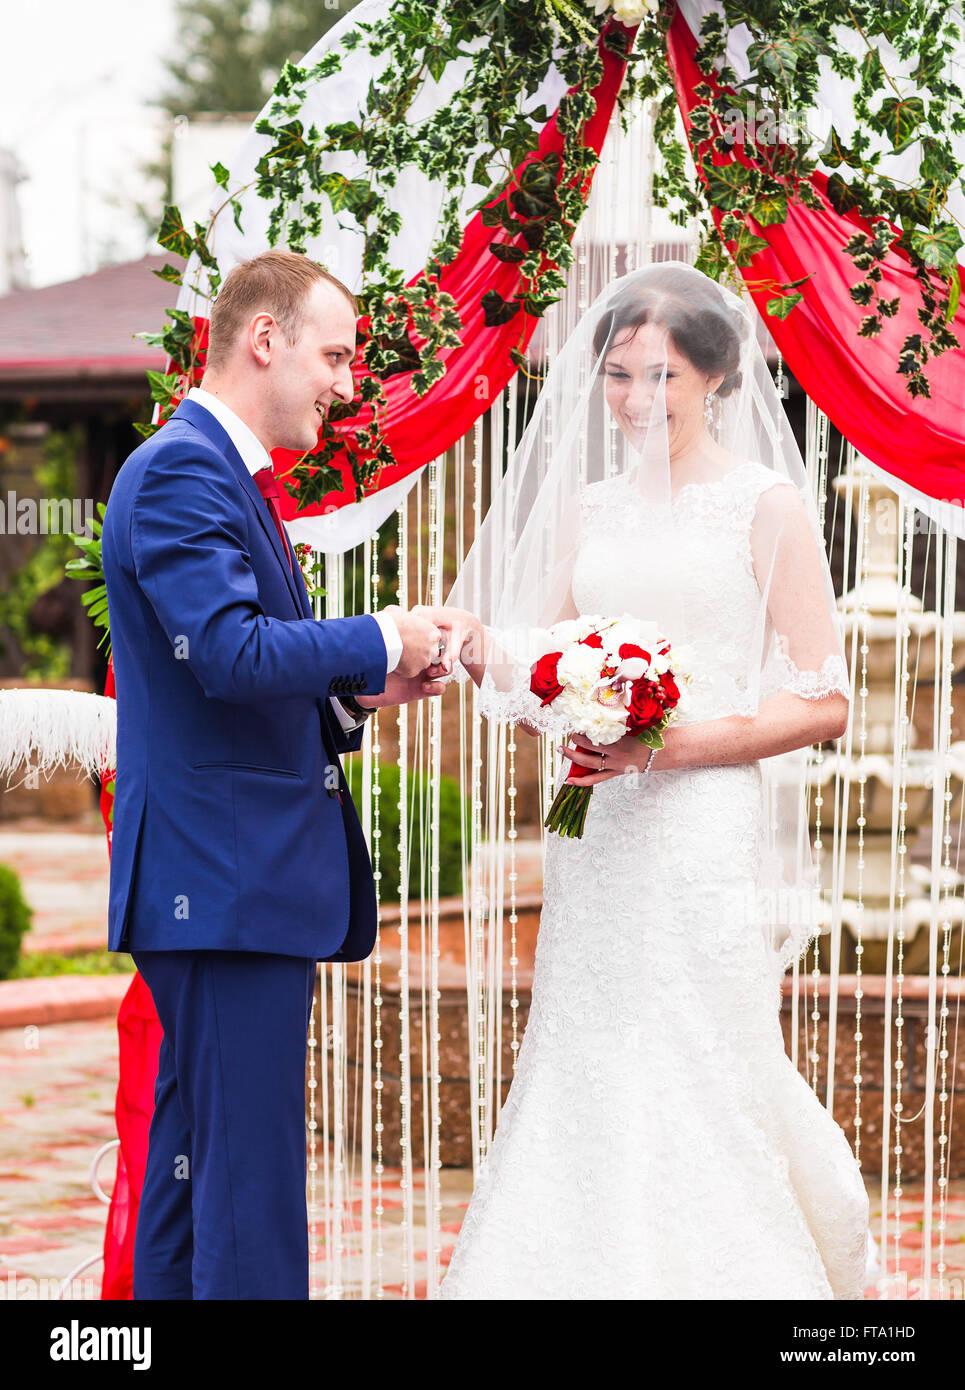 paar in der Kleidung Hochzeit Ringe mit Bogen auf Hintergrund ...